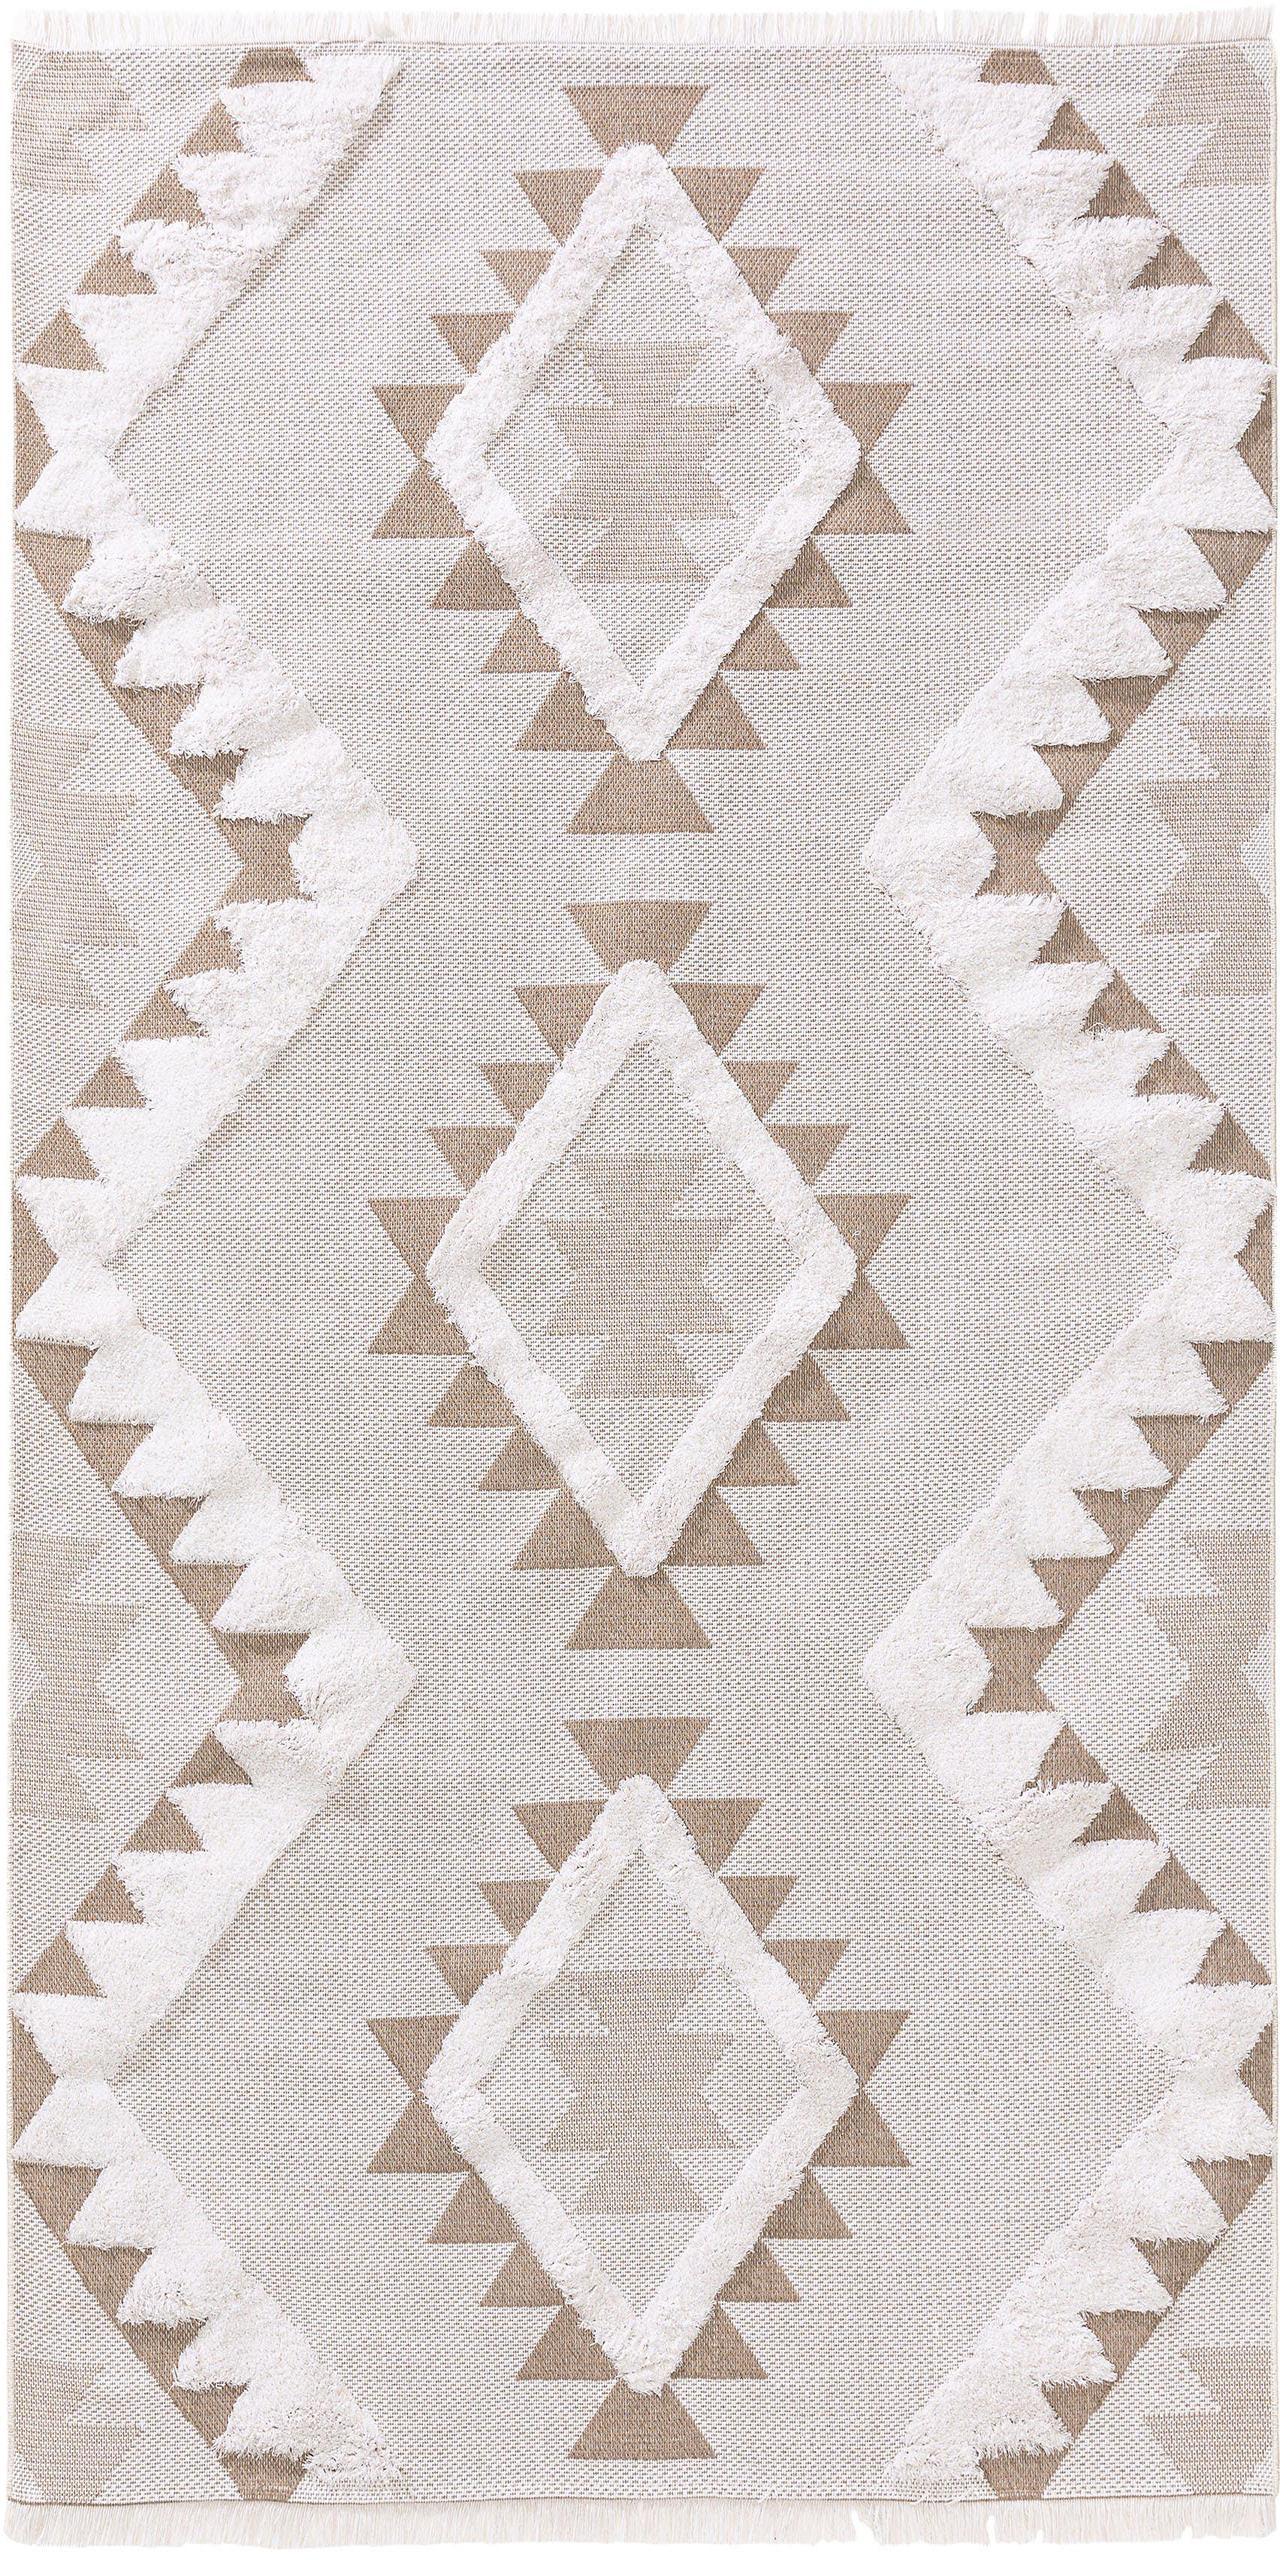 Dywan z bawełny Oslo Aztec, 100% bawełna, Kremowobiały, taupe, S 75 x D 150 cm